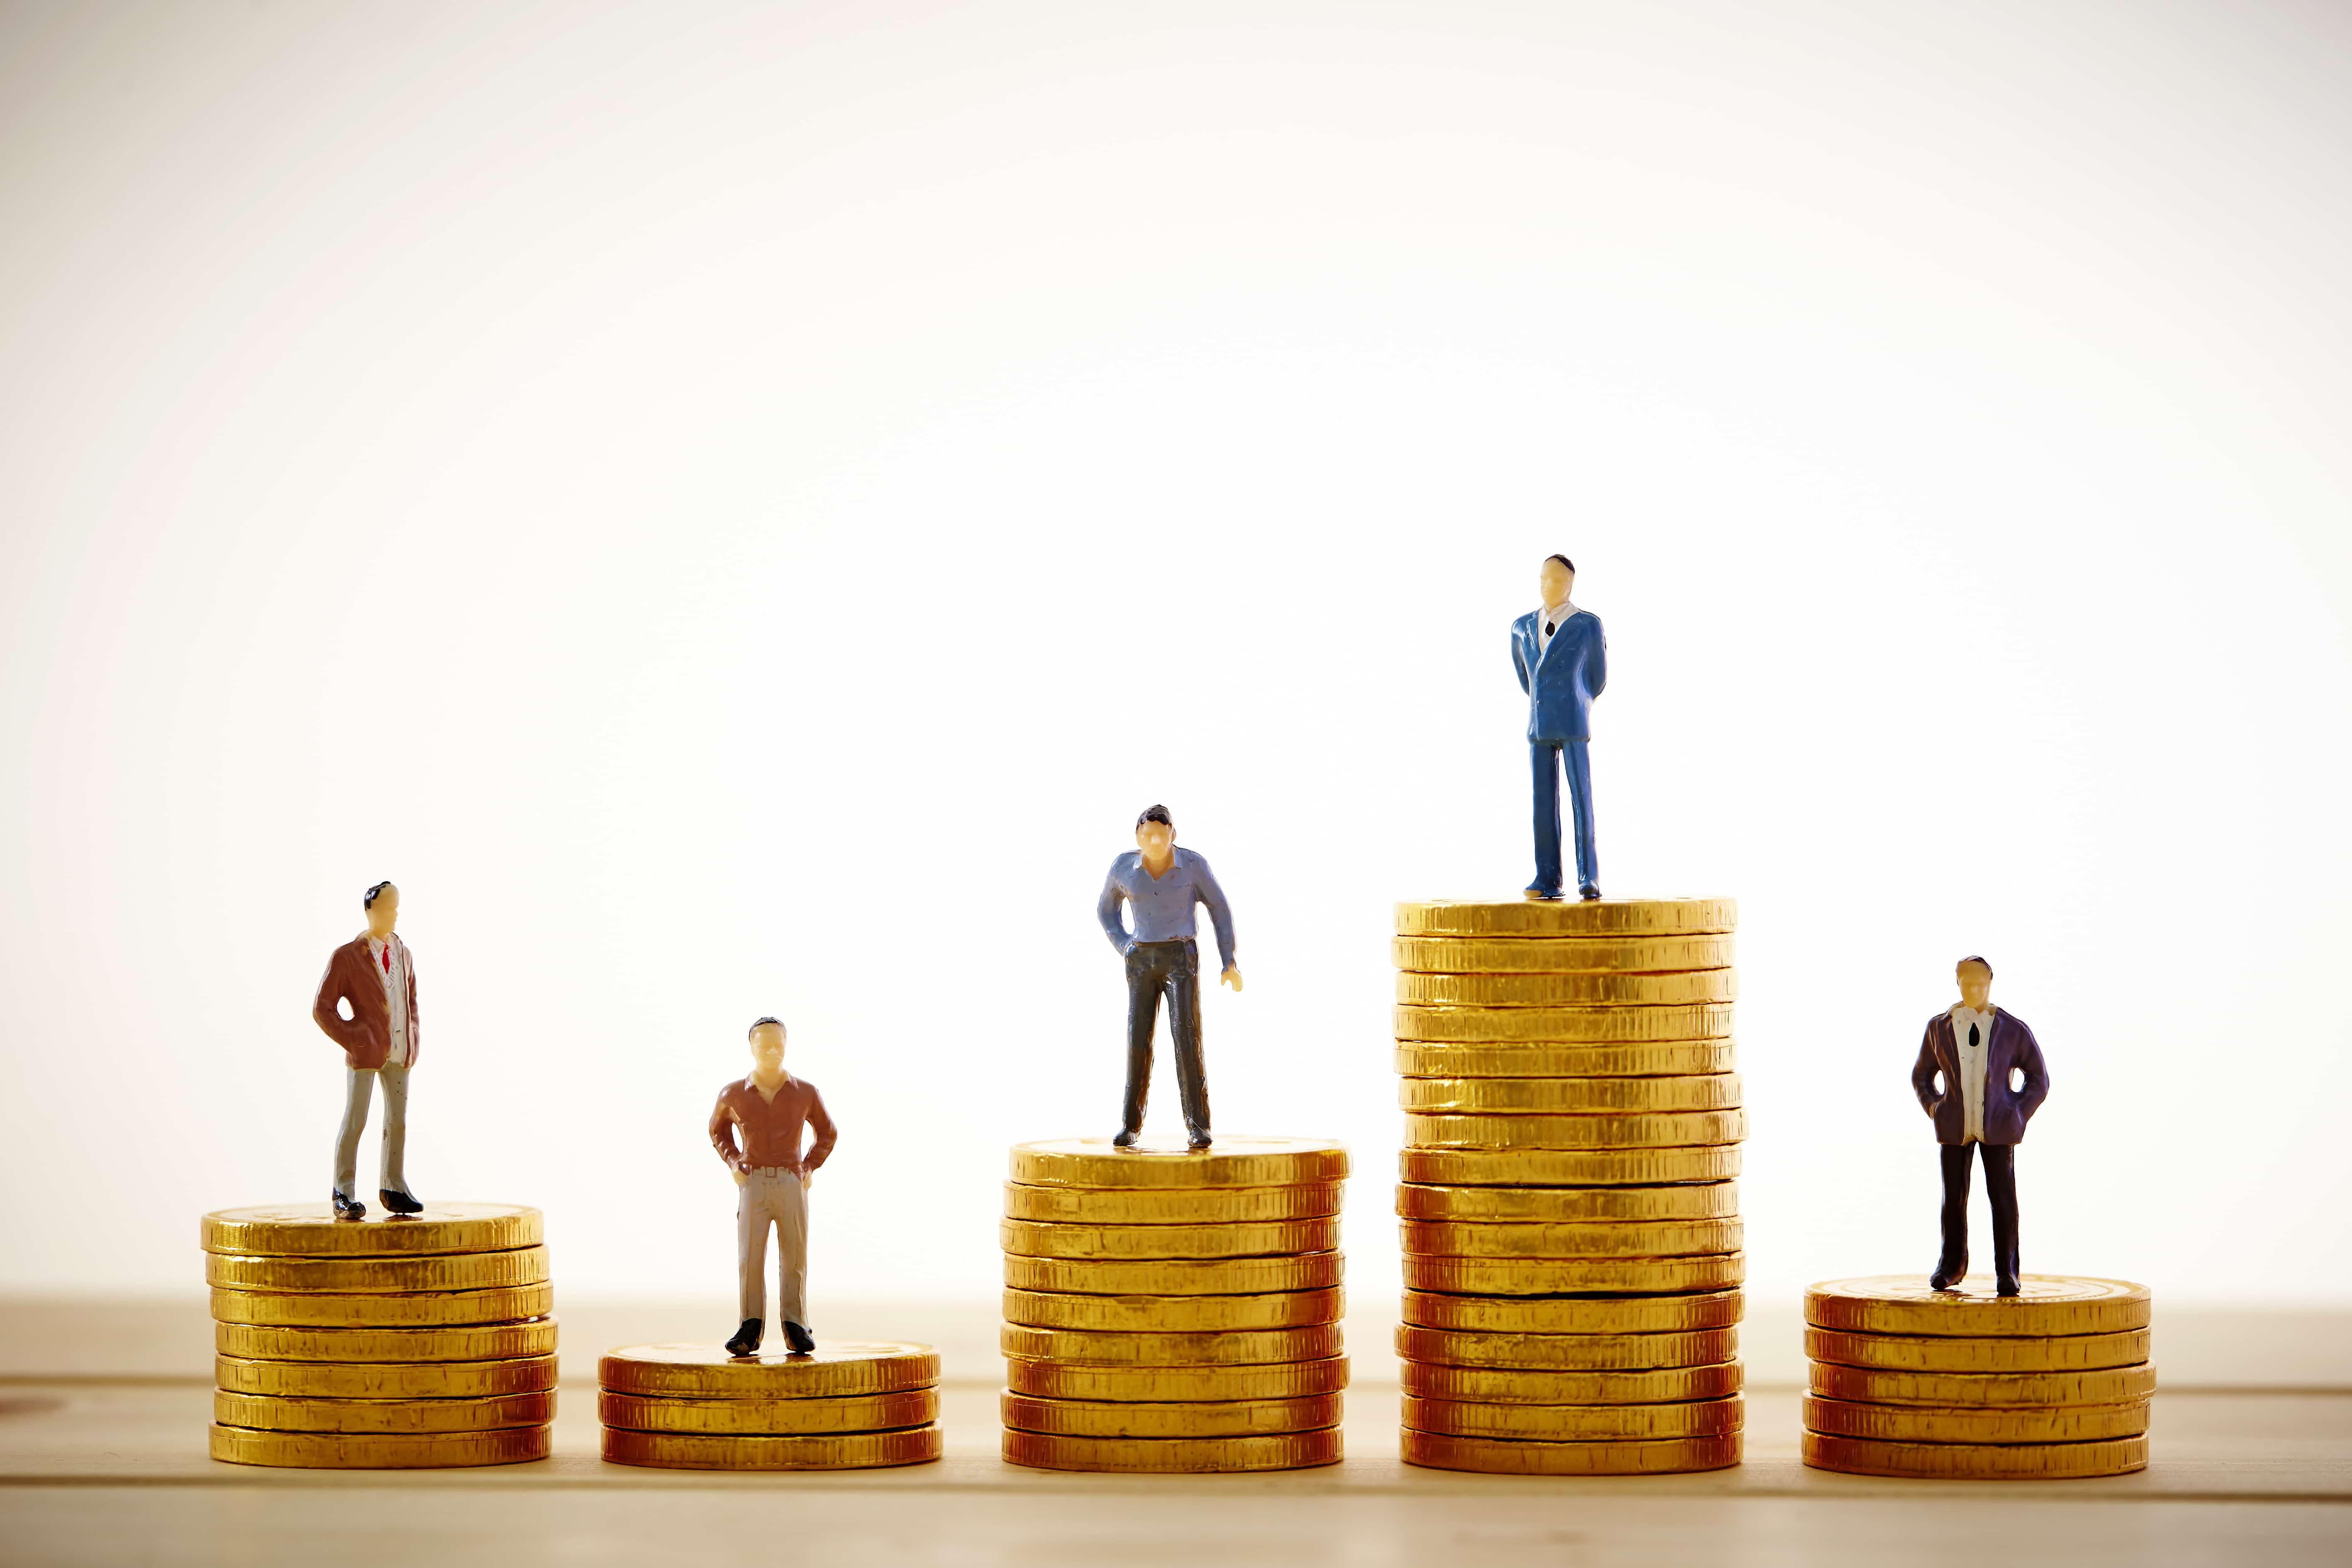 新収益認識基準、いつから何が変わる?をわかりやすく解説